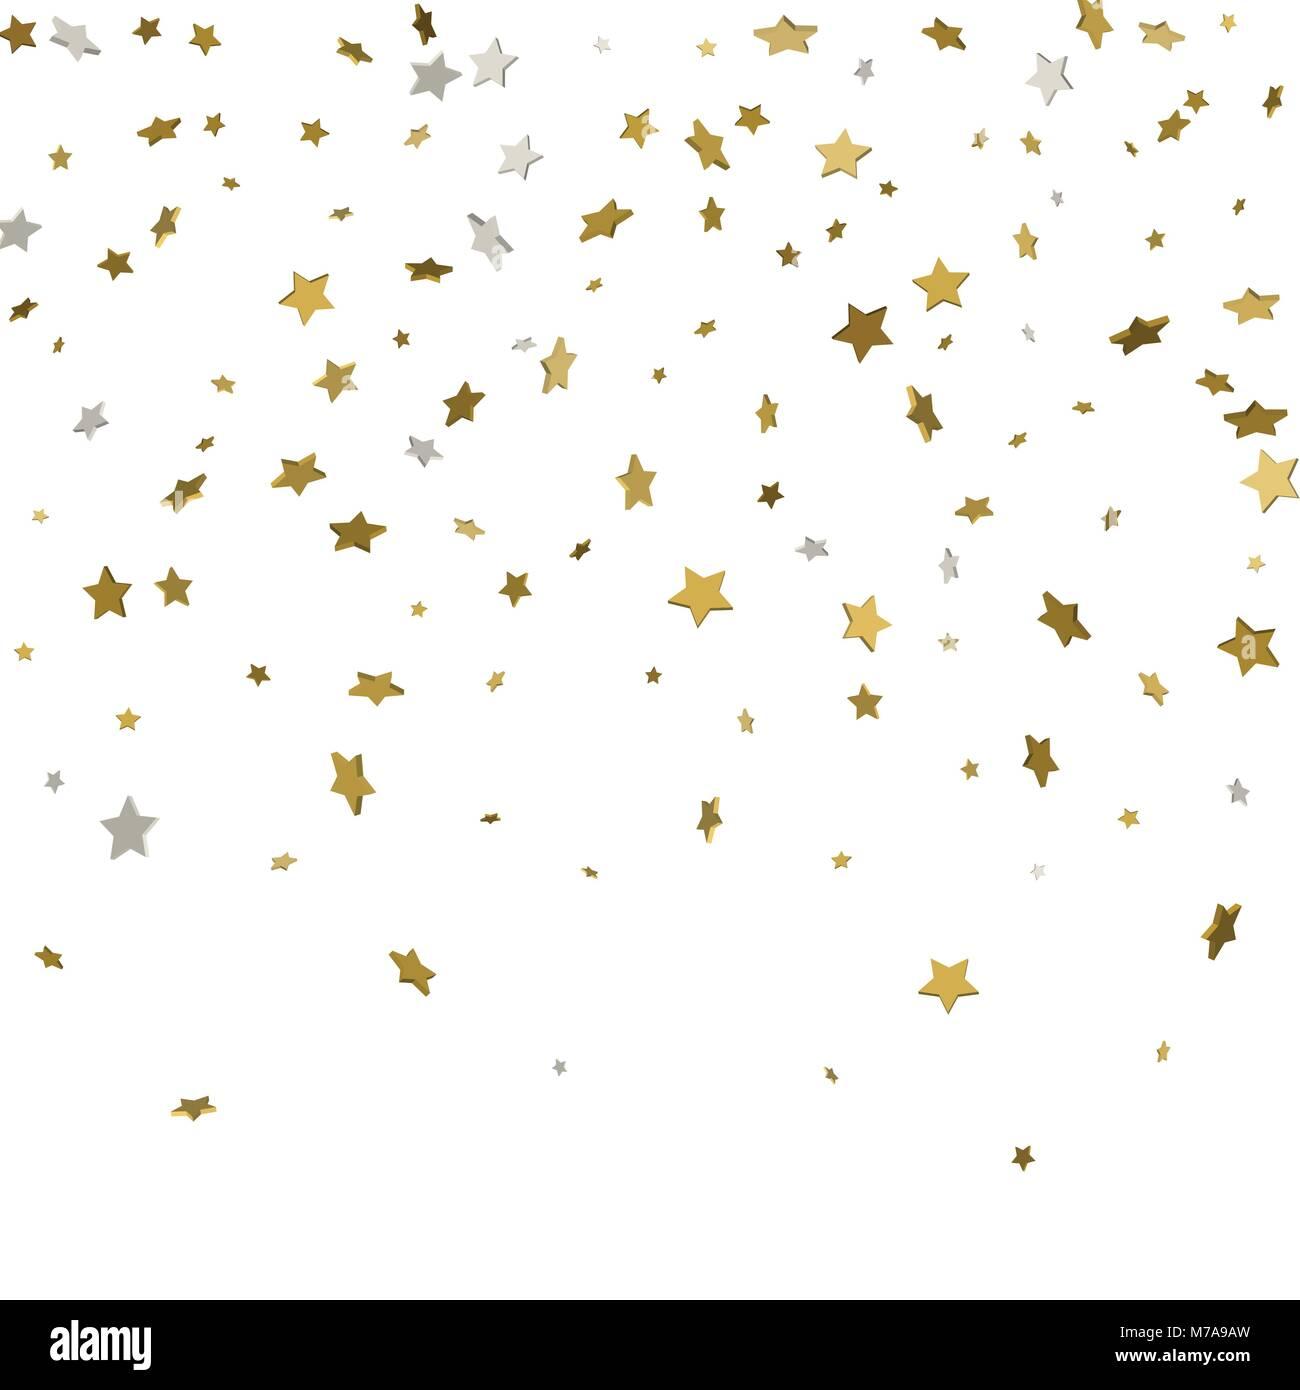 Festive flying gold stars shower. 3d. Vector illustration - Stock Image